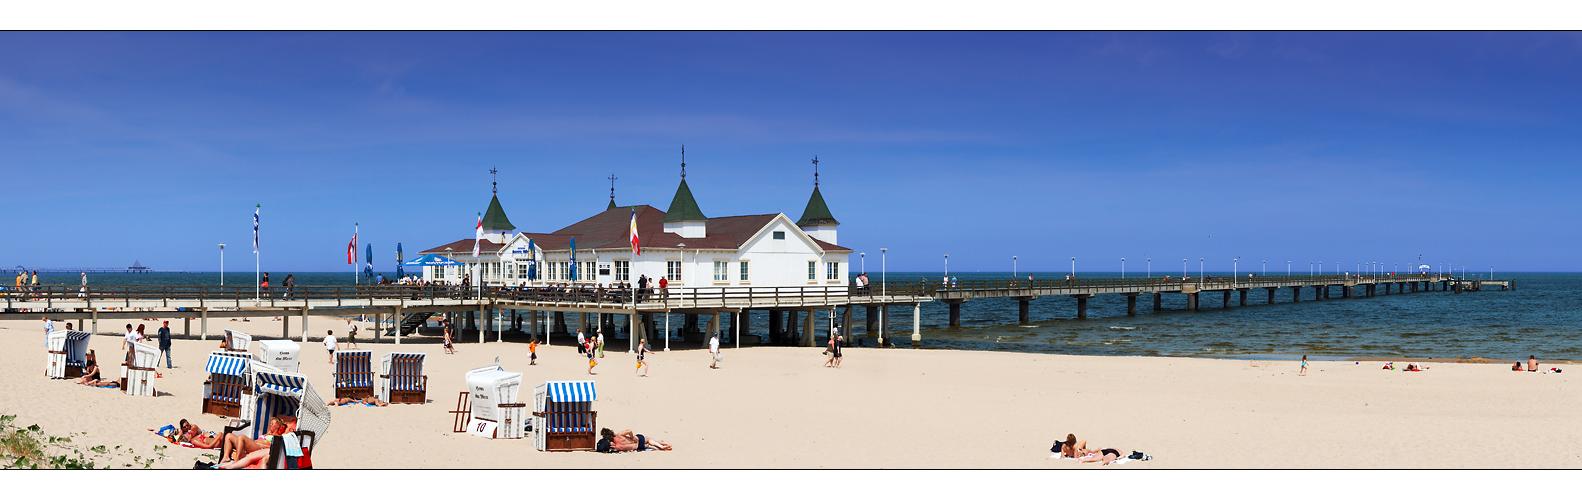 ___ Sommer, Sonne, Strand und Meer ___ #2